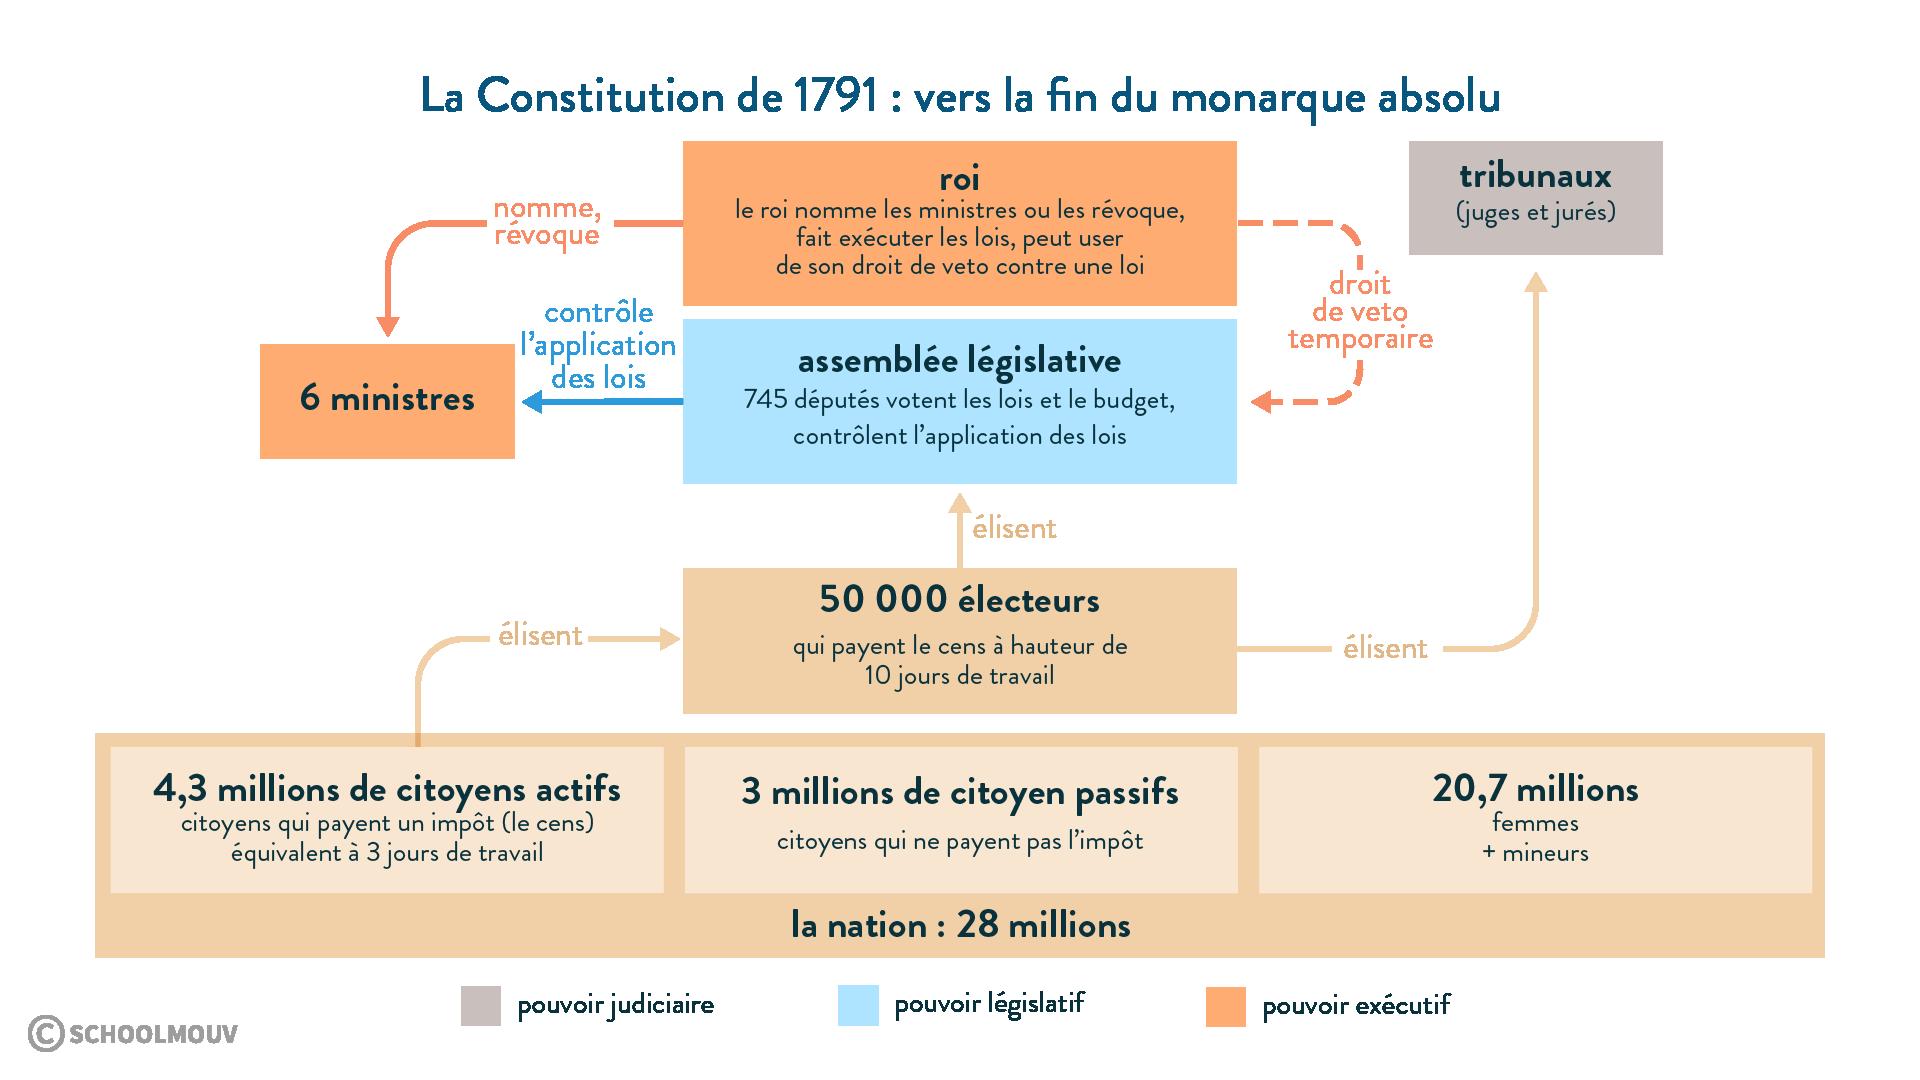 La Constitution de 1791: vers la fin du monarque absolu - Histoire - 1re - SchoolMouv